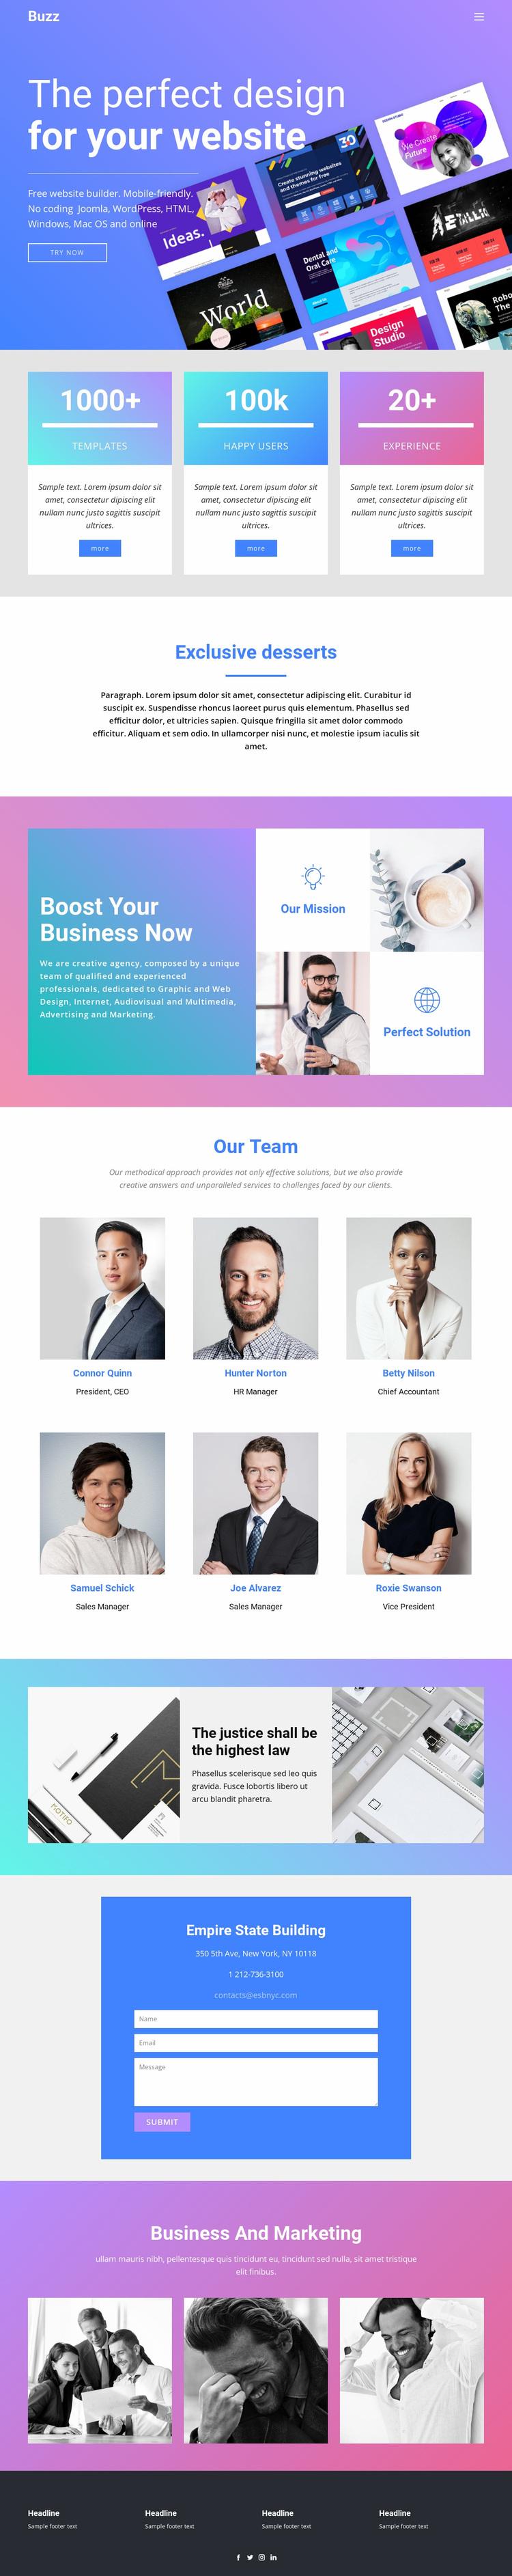 Design websites for business Website Design